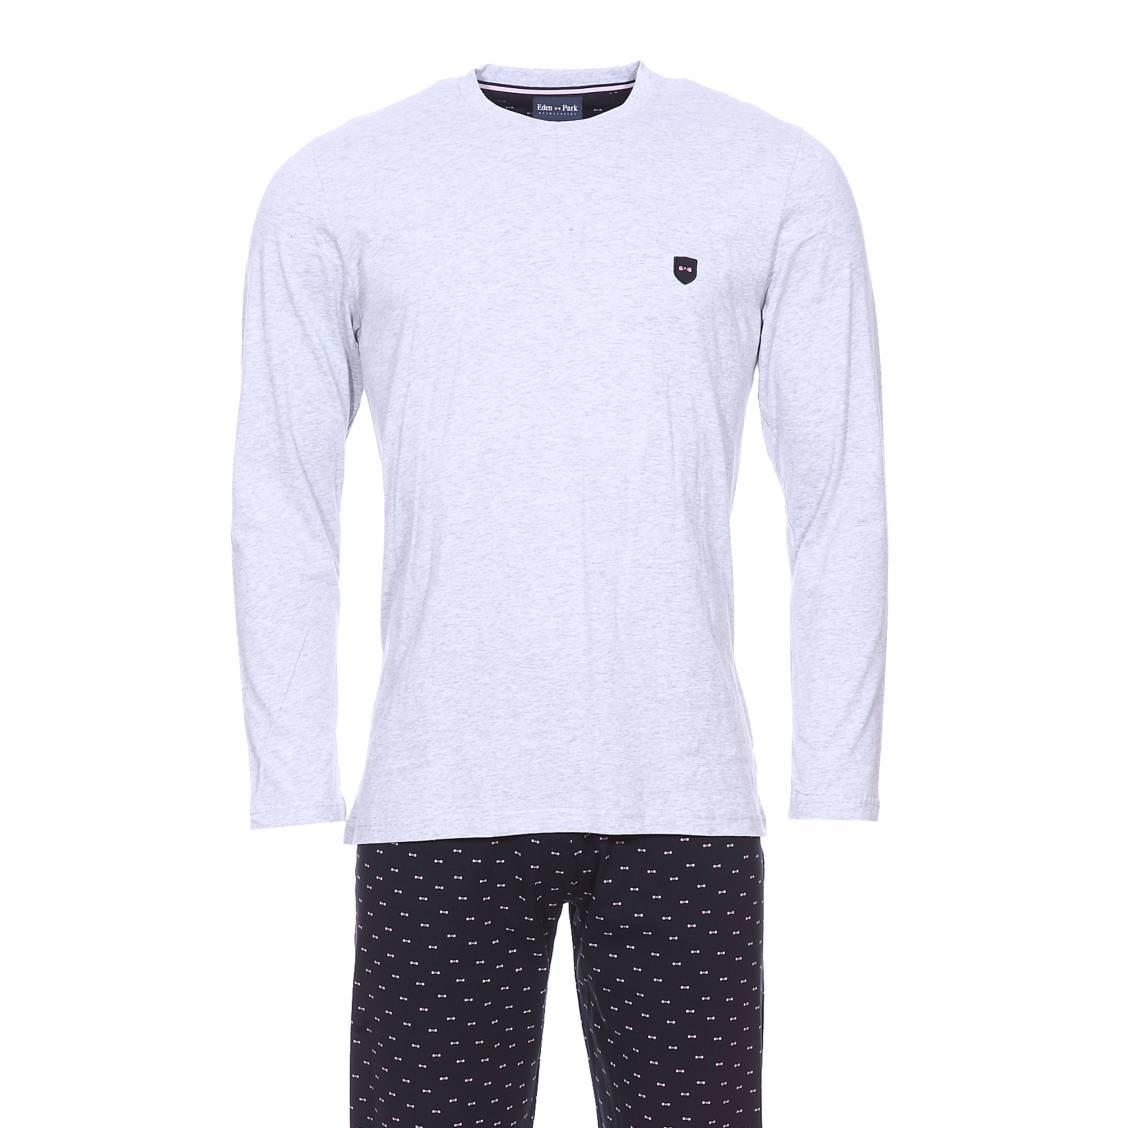 Longues En Coton Tee Gris Pyjama Long Manches Eden Shirt Park AwT8gq